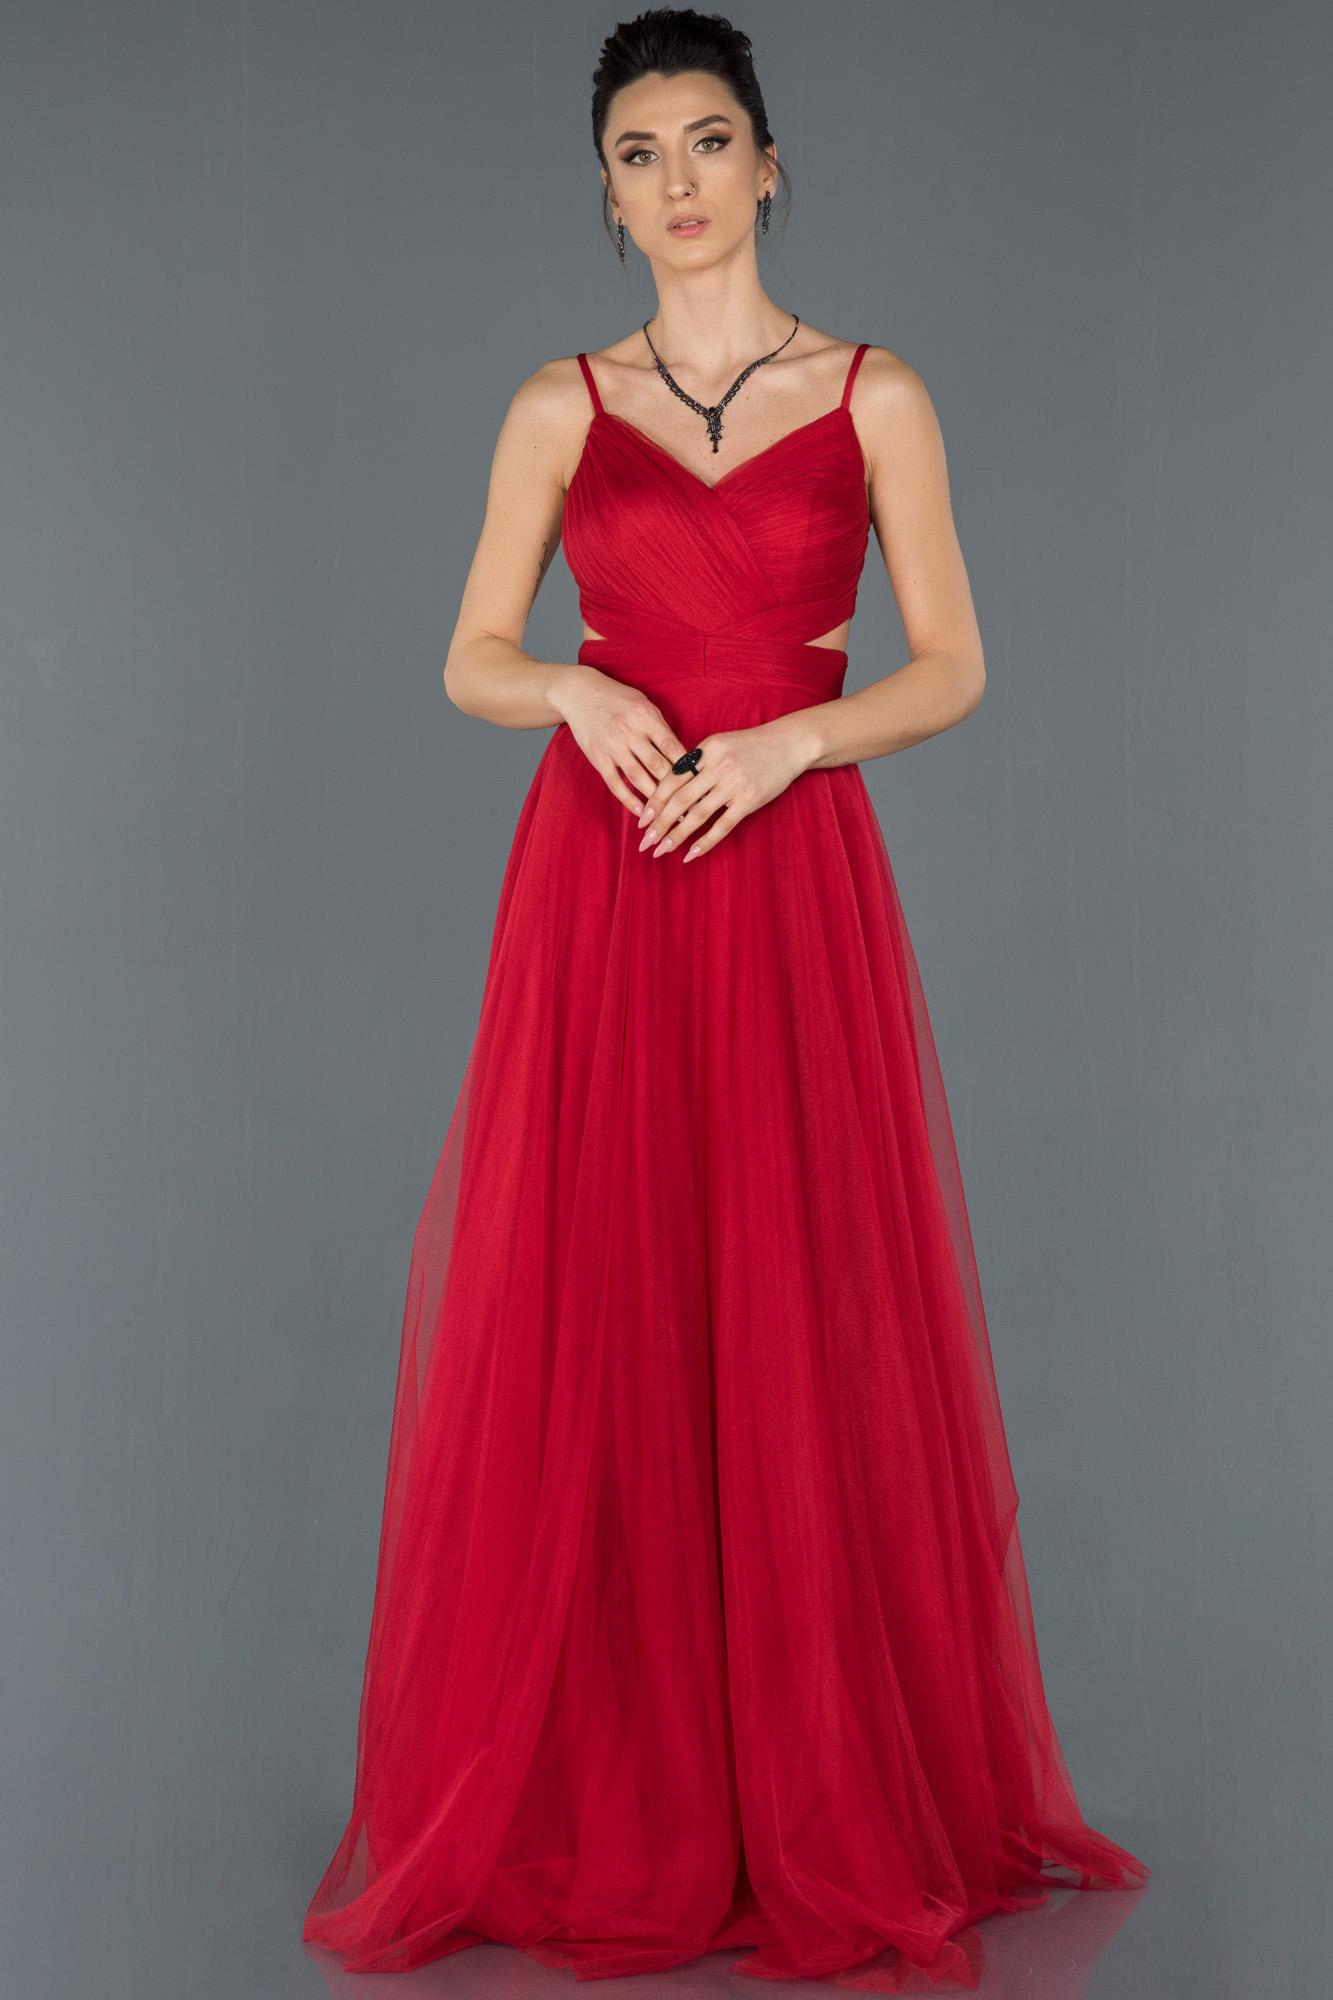 Kırmızı Uzun Ip Askılı Tüllü Abiye Elbise